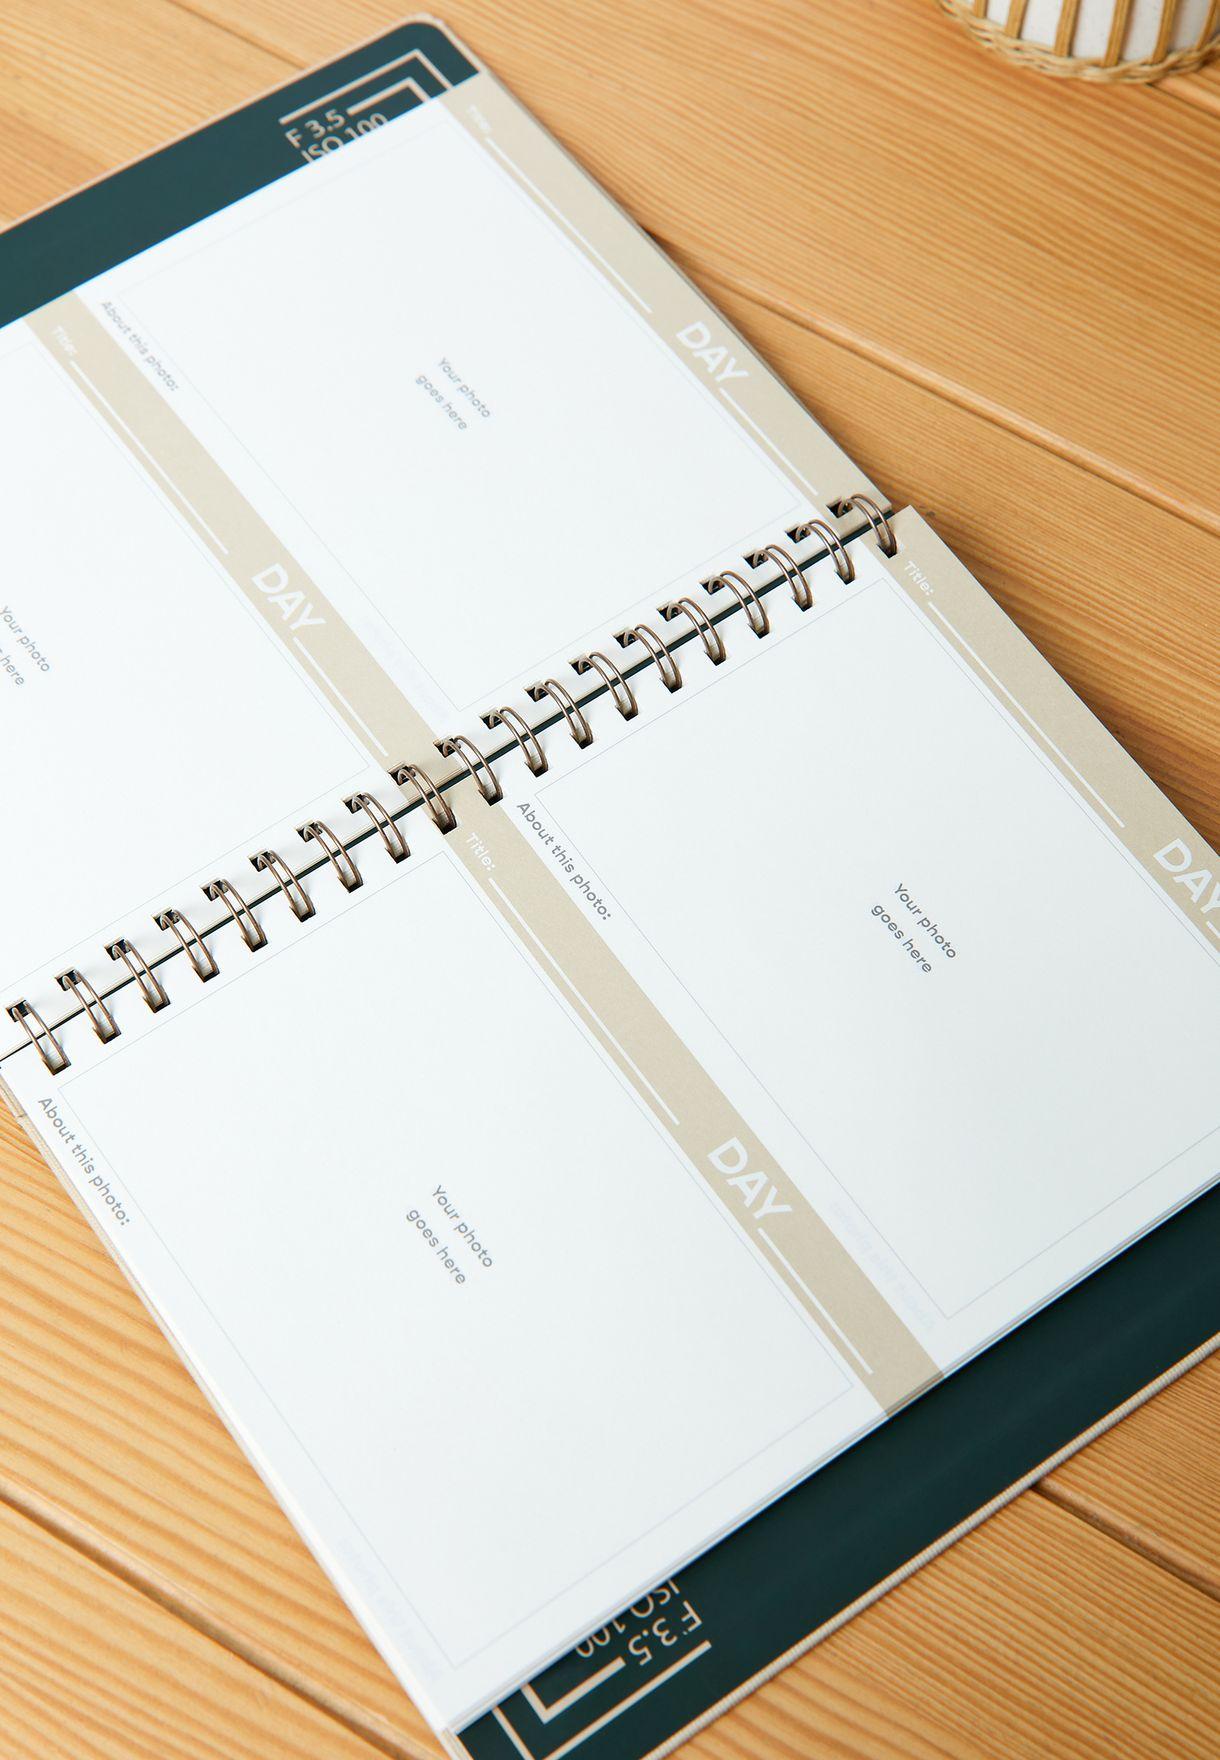 دفتر يوميات كبير